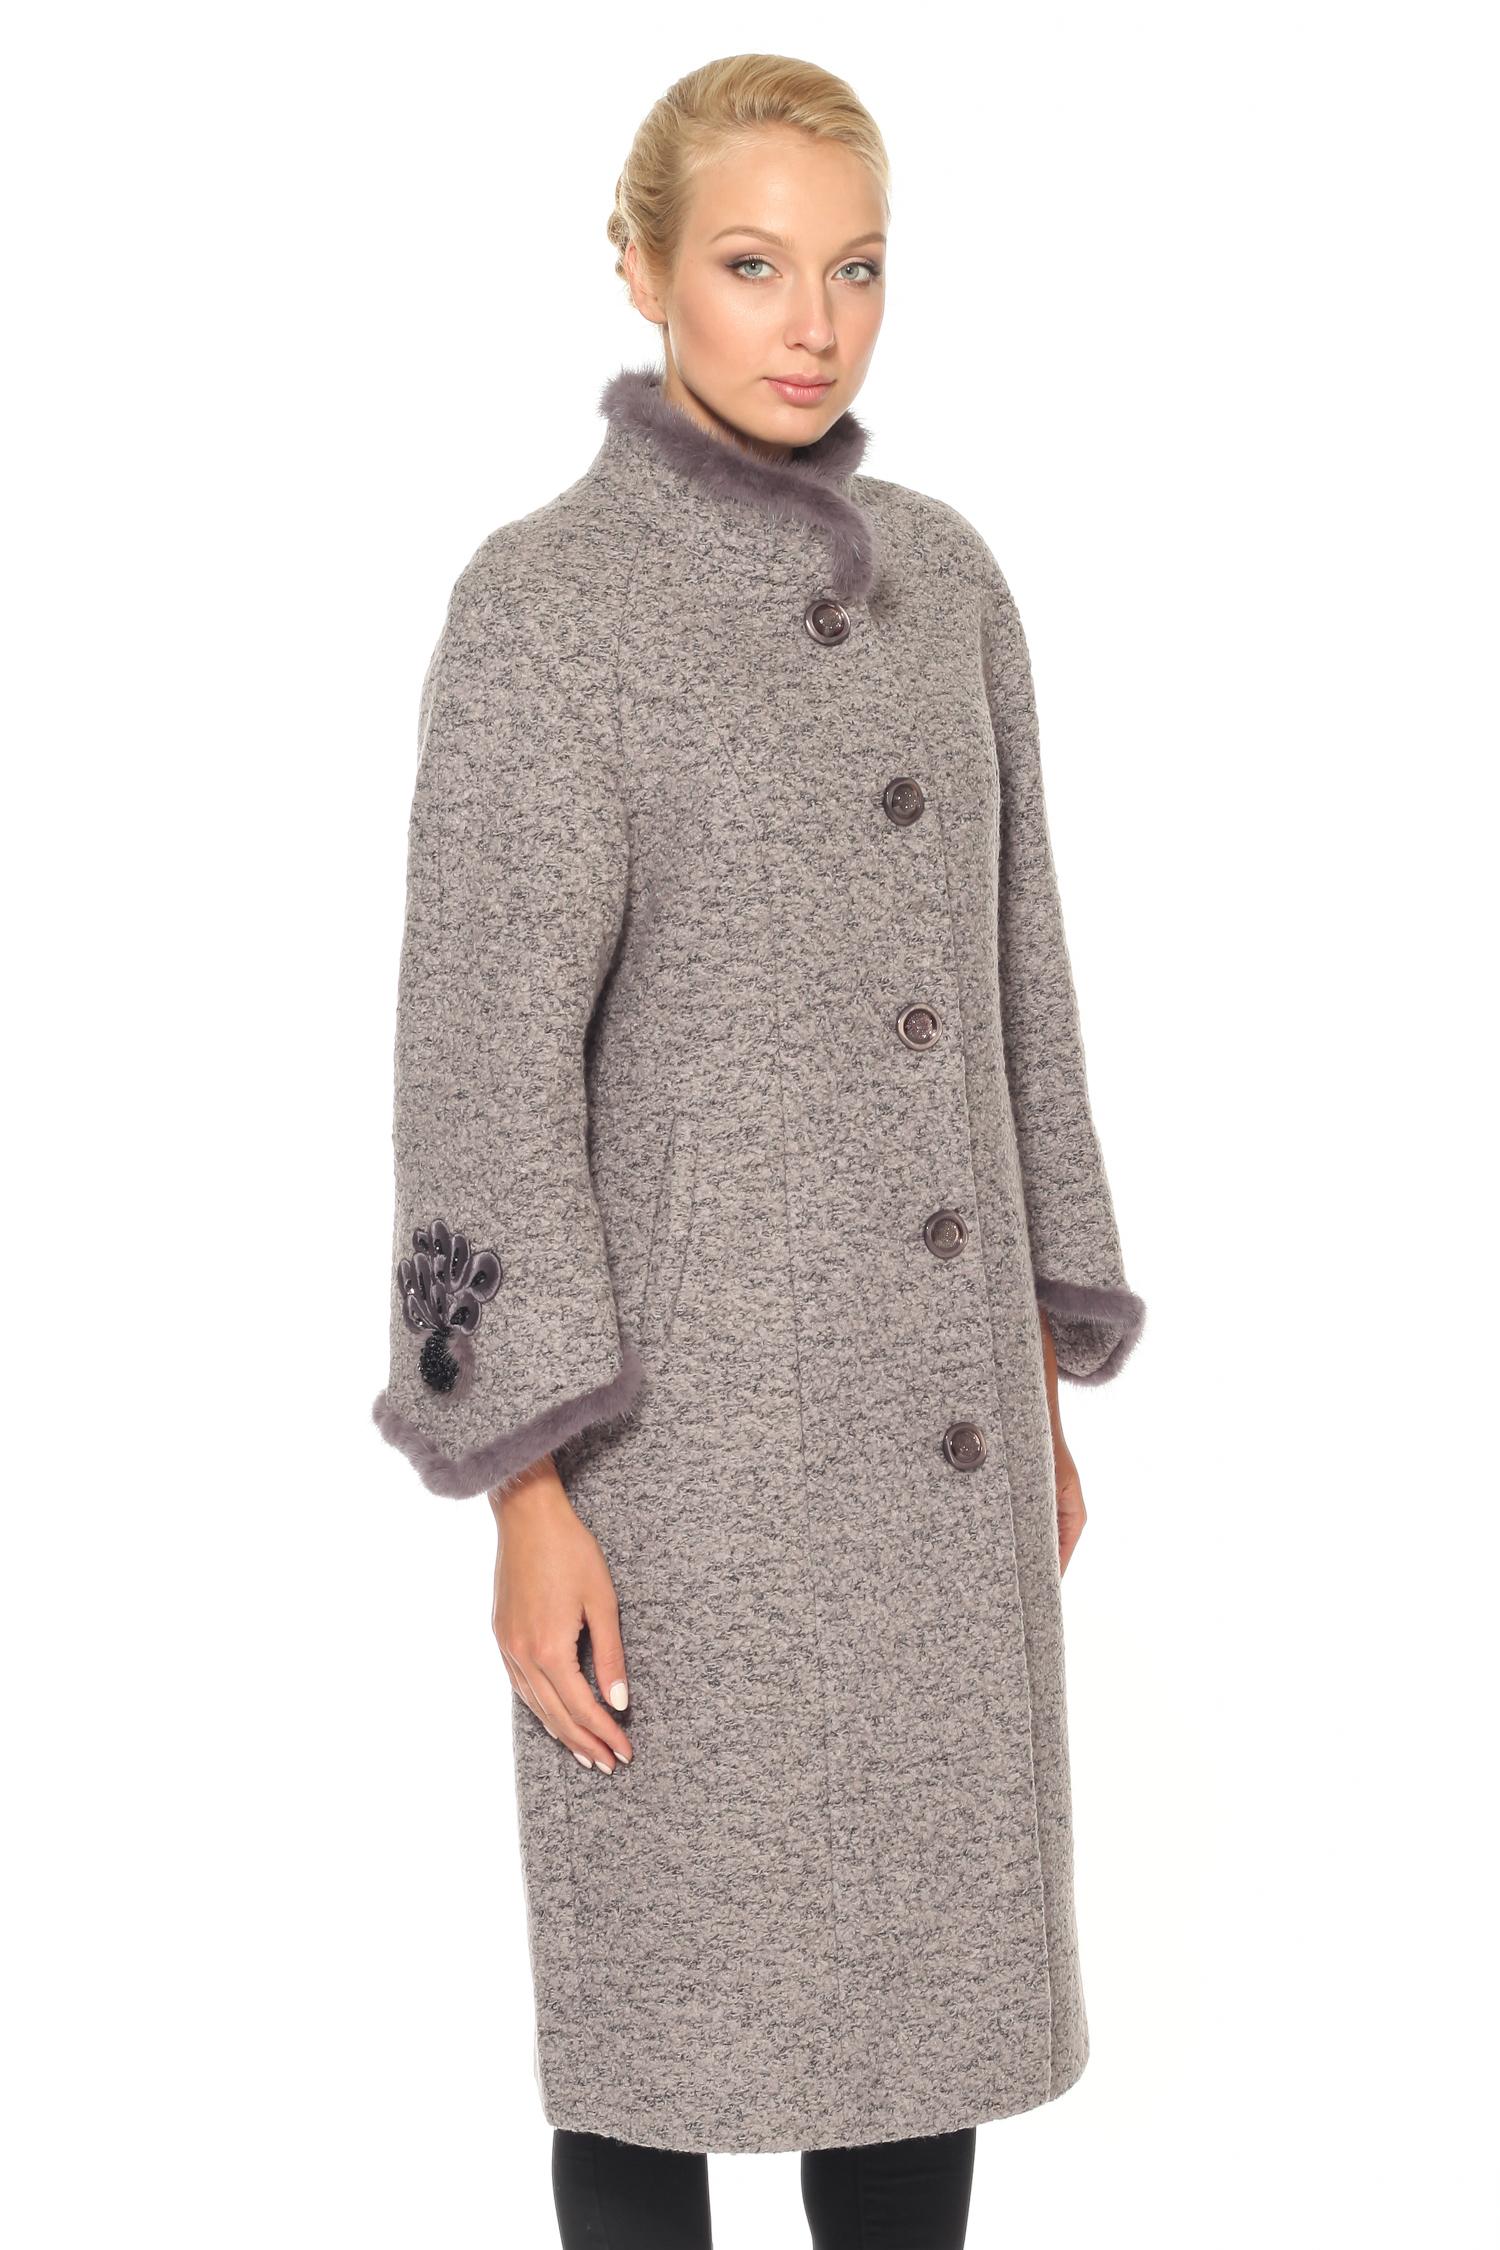 Женское пальто с воротником, отделка норкаПальто от Московской меховой компании выполнено из текстиля серого цвета.<br><br>Модель приталенного силуэта с застежкой на пуговицы.<br><br>Детали: воротник-стойка с отделкой из натурального меха норки; рукава длины 7/8 декорированы вышивкой, бисером и натуральным мехом норки; подкладка из полиэстера.<br><br>Материал: Комбинированный состав<br>Воротник: стойка<br>Застежка: на пуговицы<br>Длина см: Длинная (свыше 90)<br>Цвет: серый<br>Пол: Женский<br>Размер RU: 48